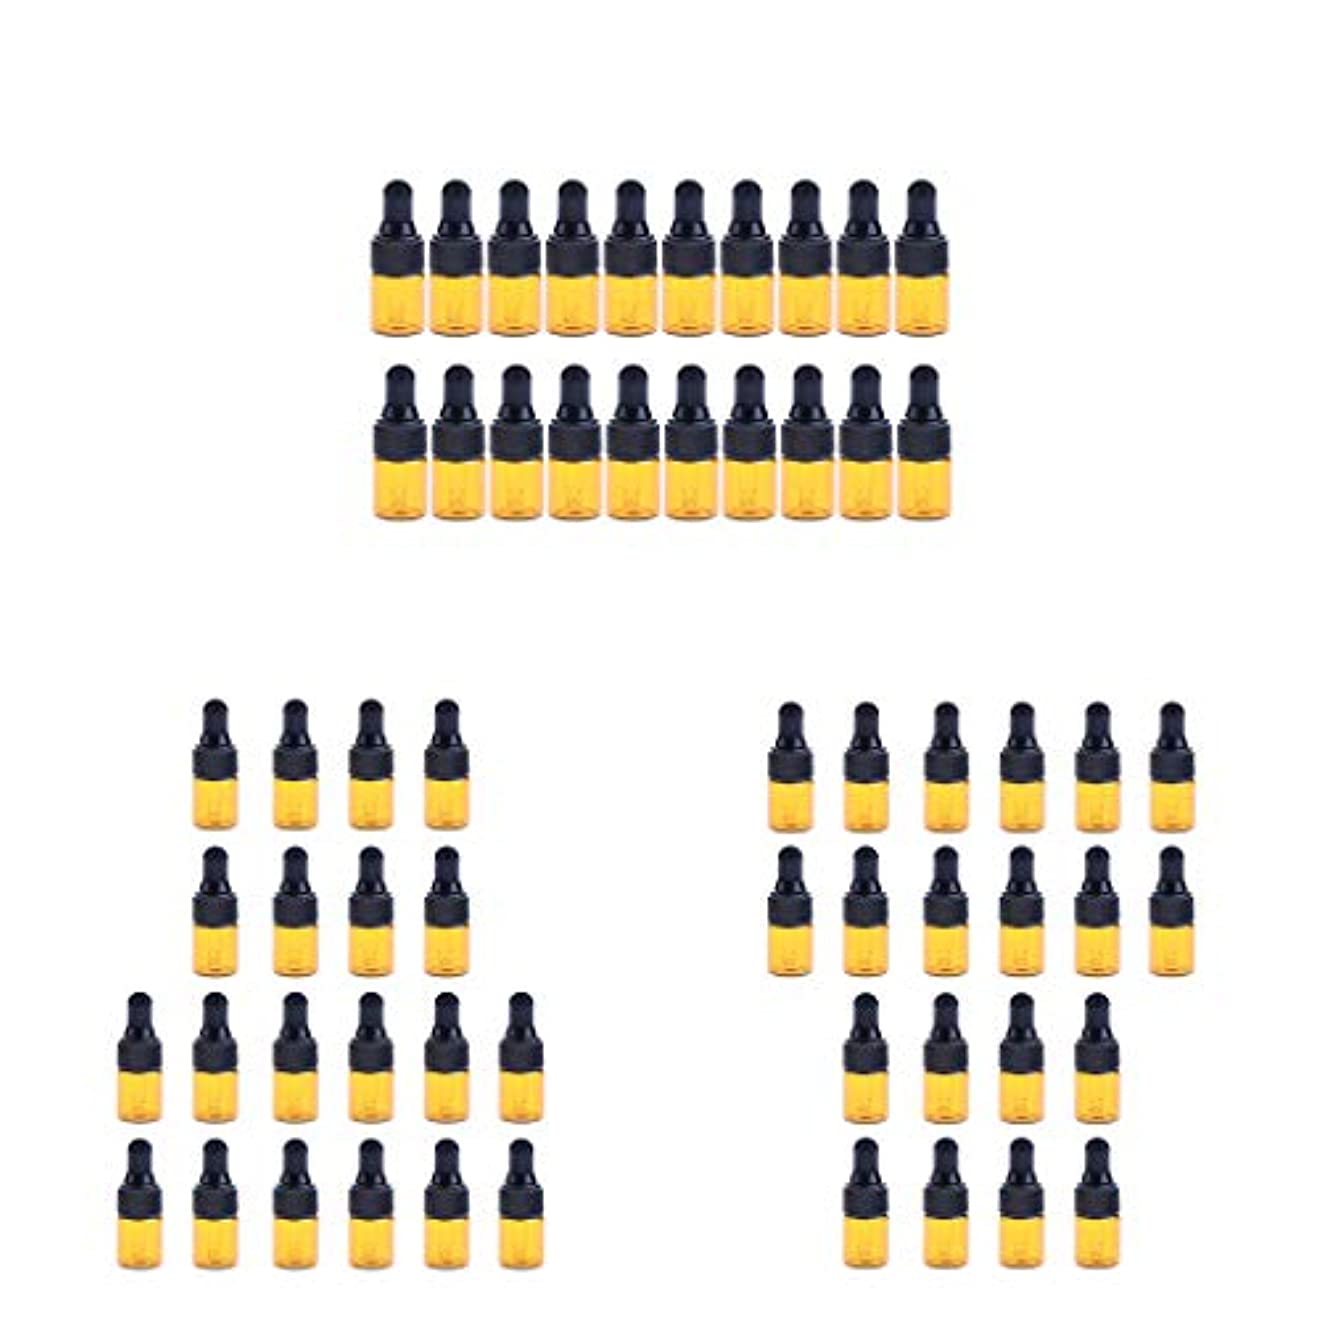 旋律的然としたコレクションdailymall エッセンシャルオイル ボトル ガラス ドロッパーボトル 3 Ml 約60ピースセット